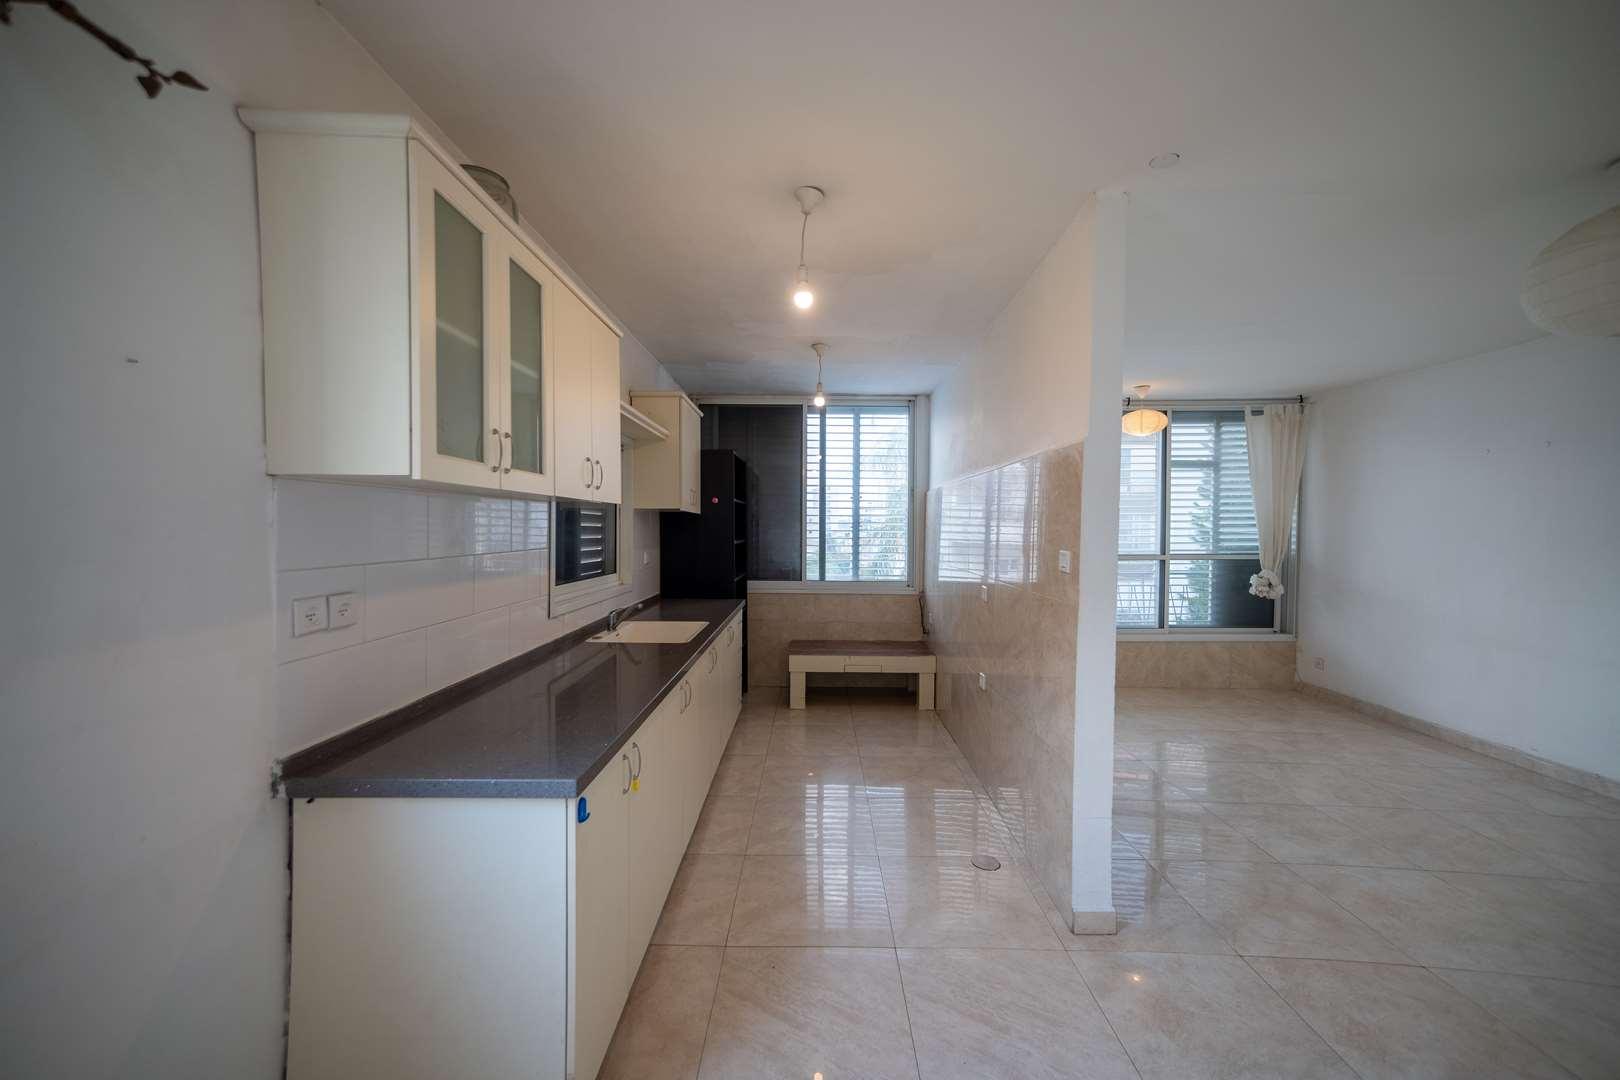 תמונה 2 ,דירה 4 חדרים ישראל אהרוני 11 א' רחובות